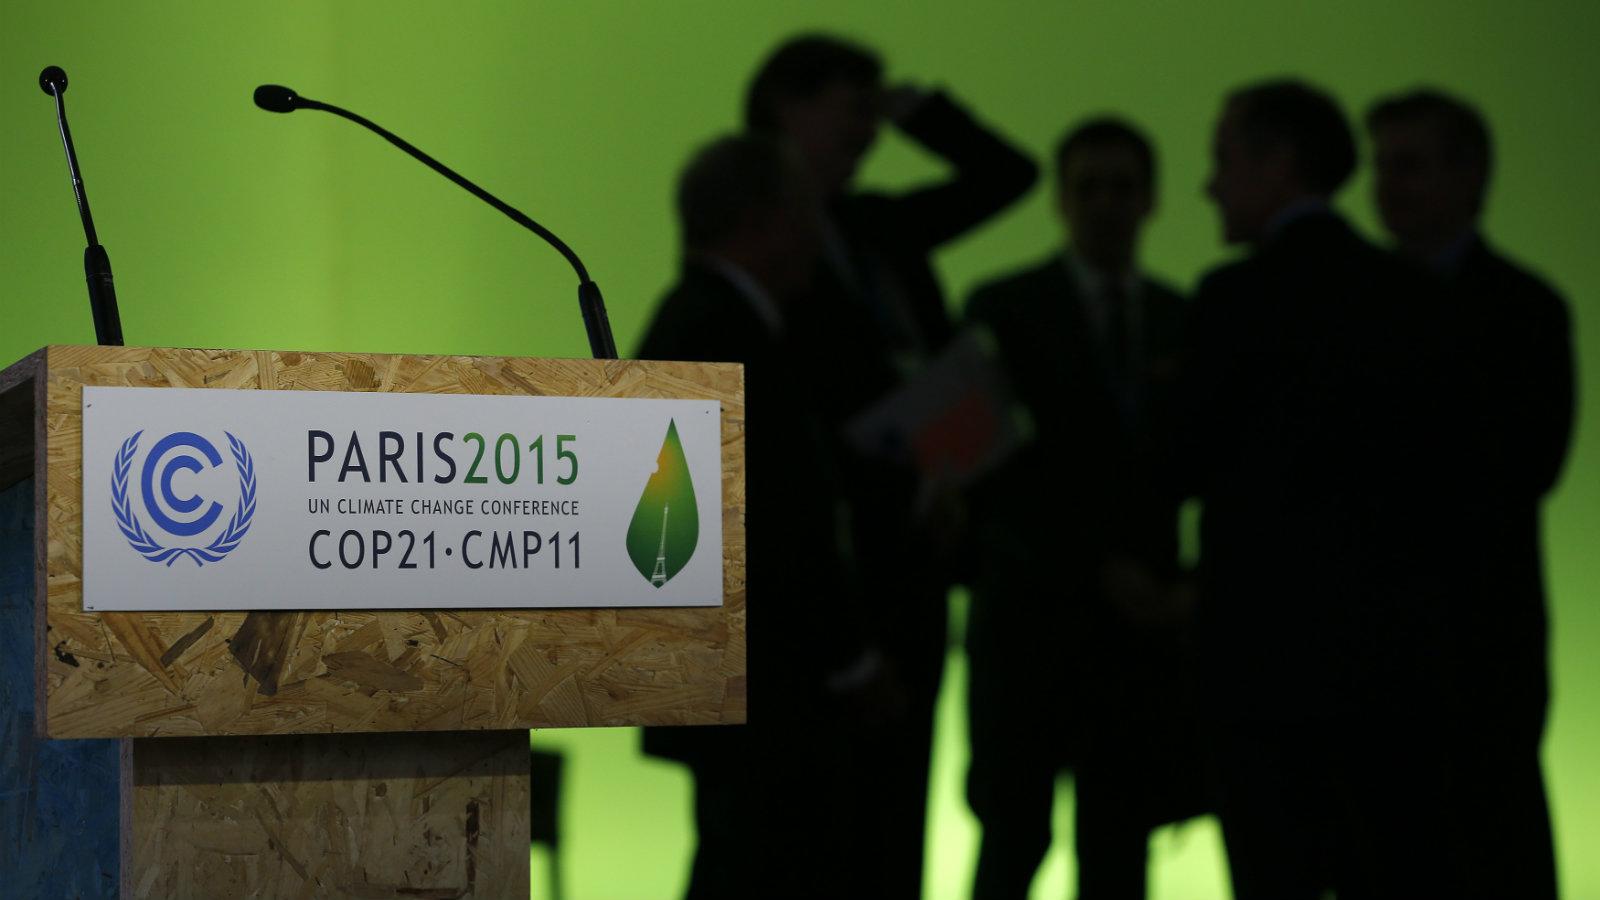 COP21, PARIS CLIMATE CONFERENCE